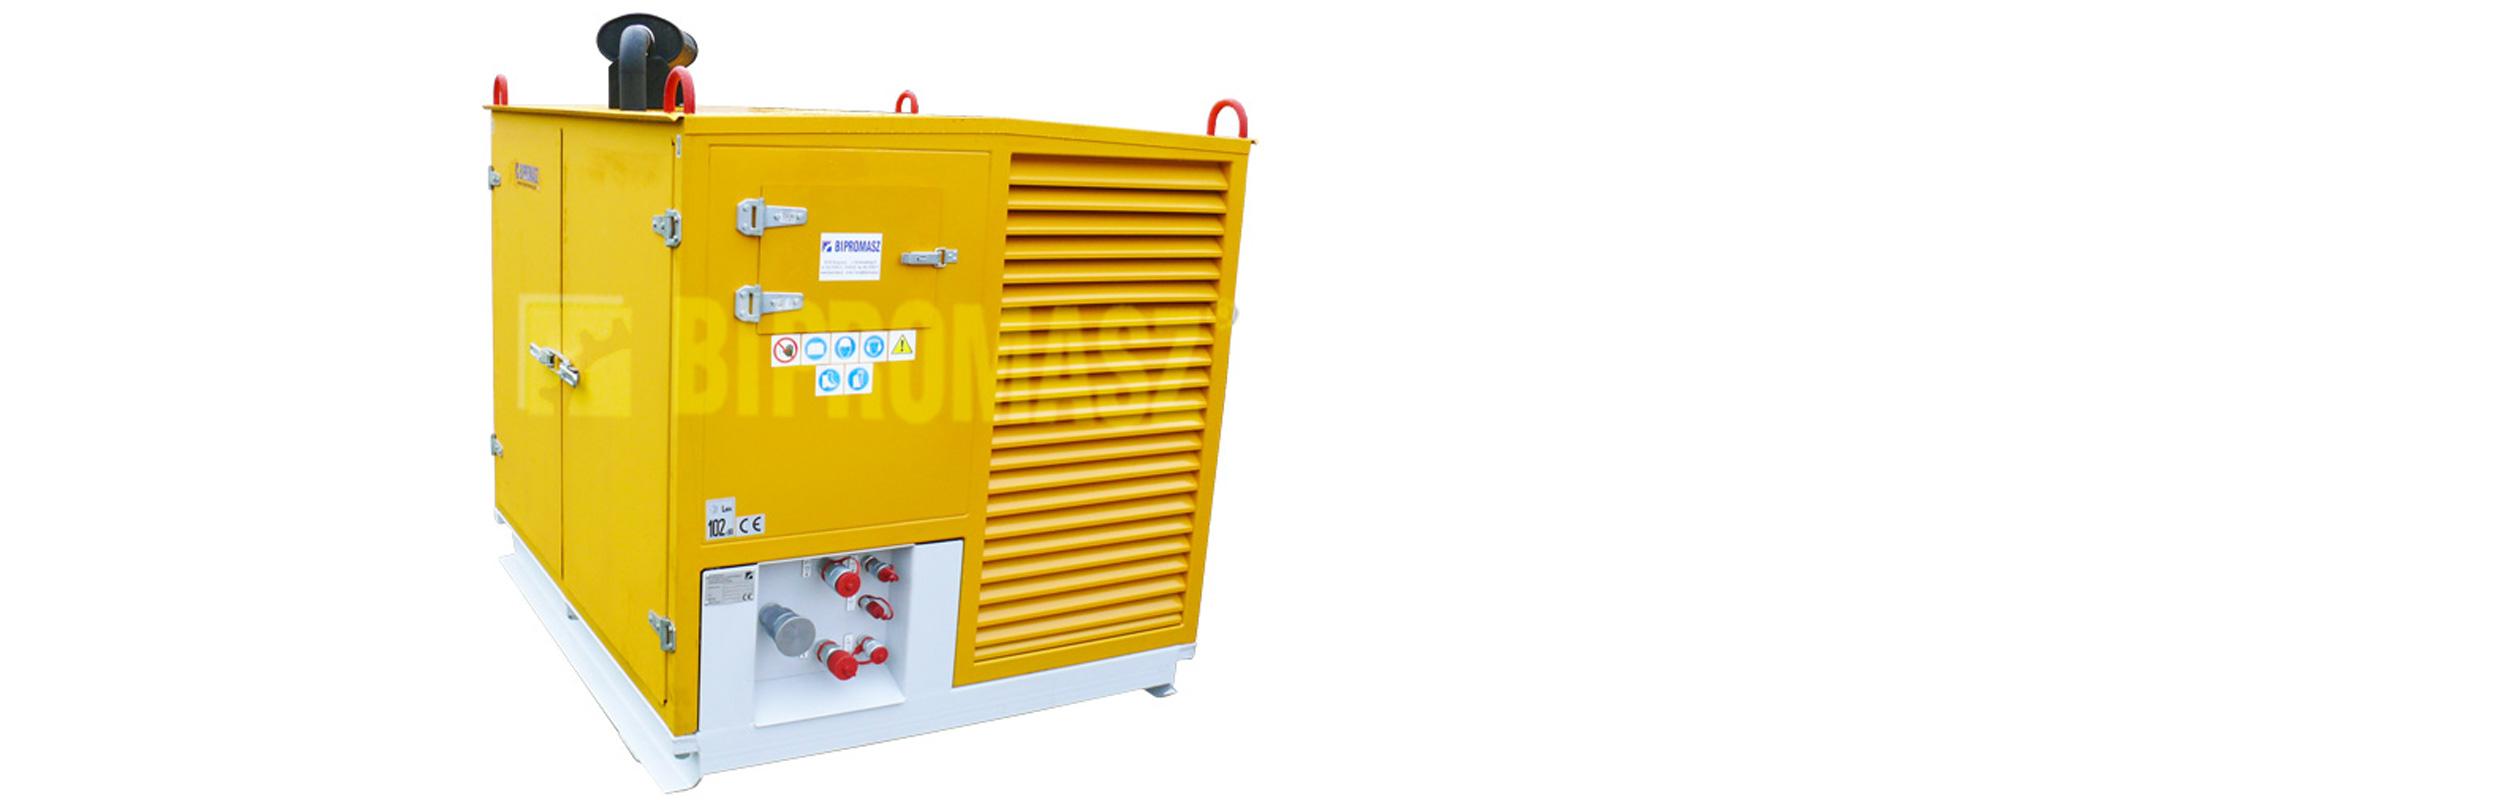 Hydrauliczny Agregat Spalinowy HAS-50 produkcji firmy Bipromasz